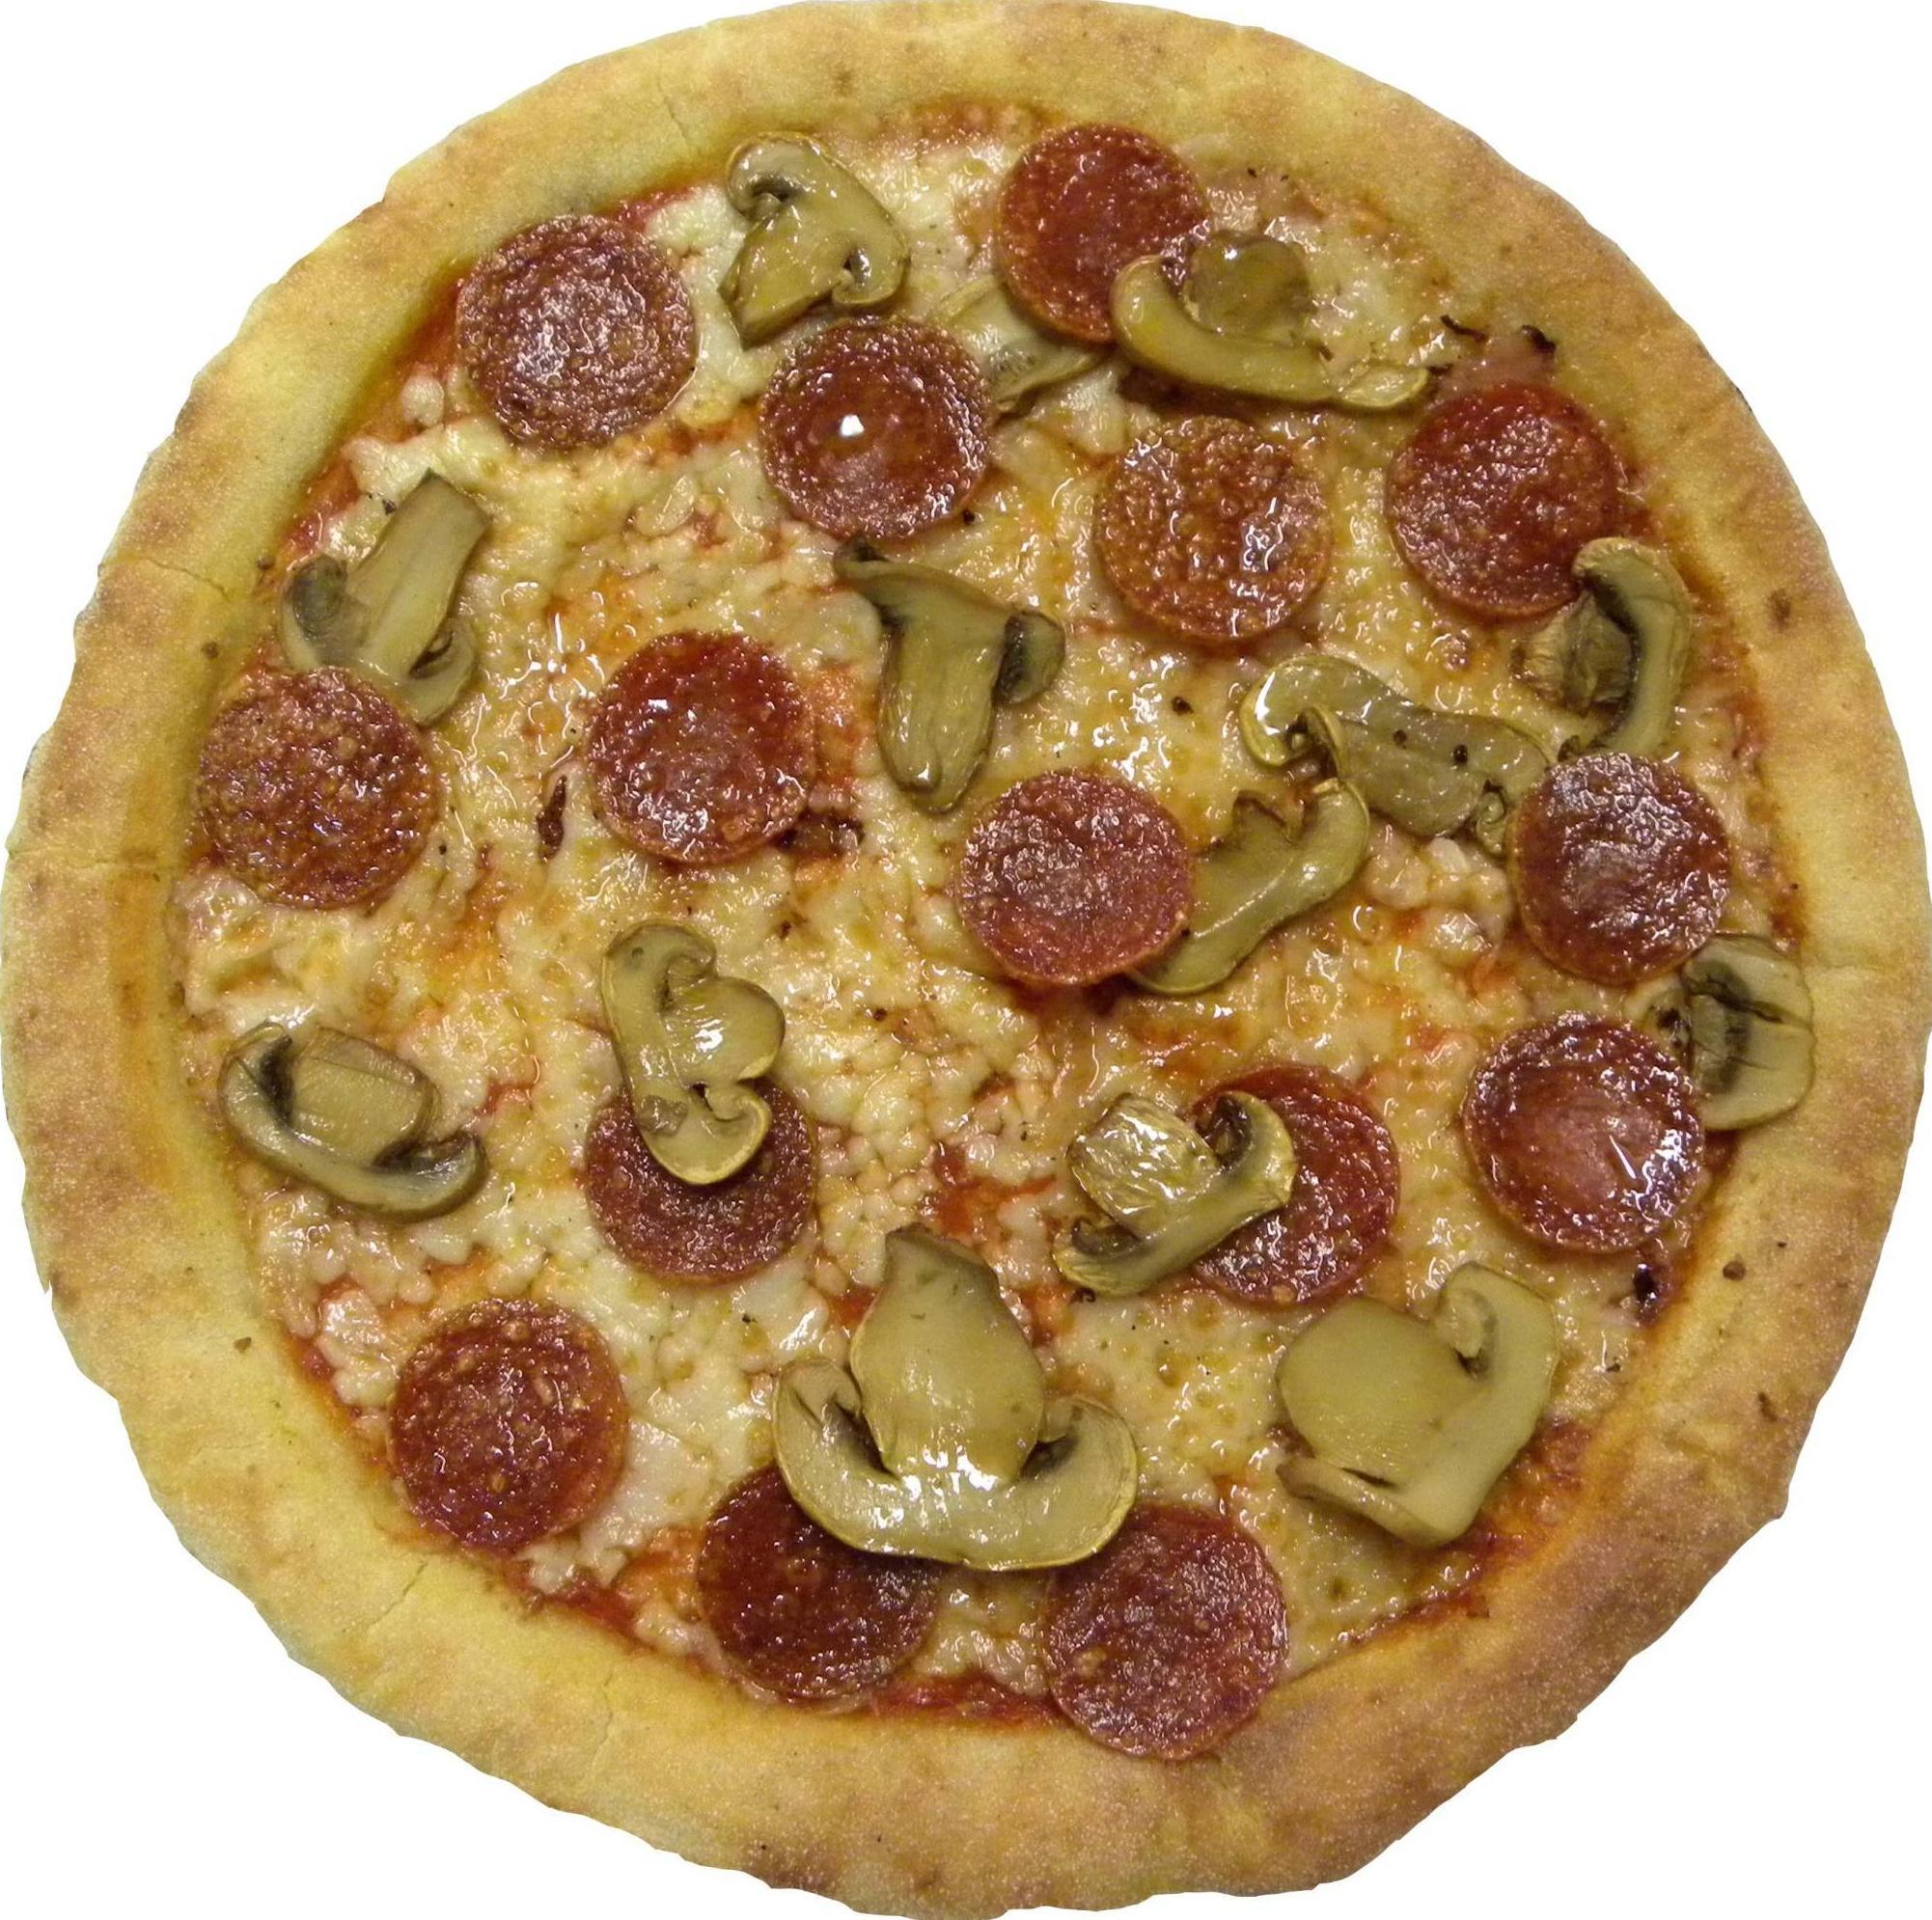 Pedir pizza en sant boi de llobregat Pizza world